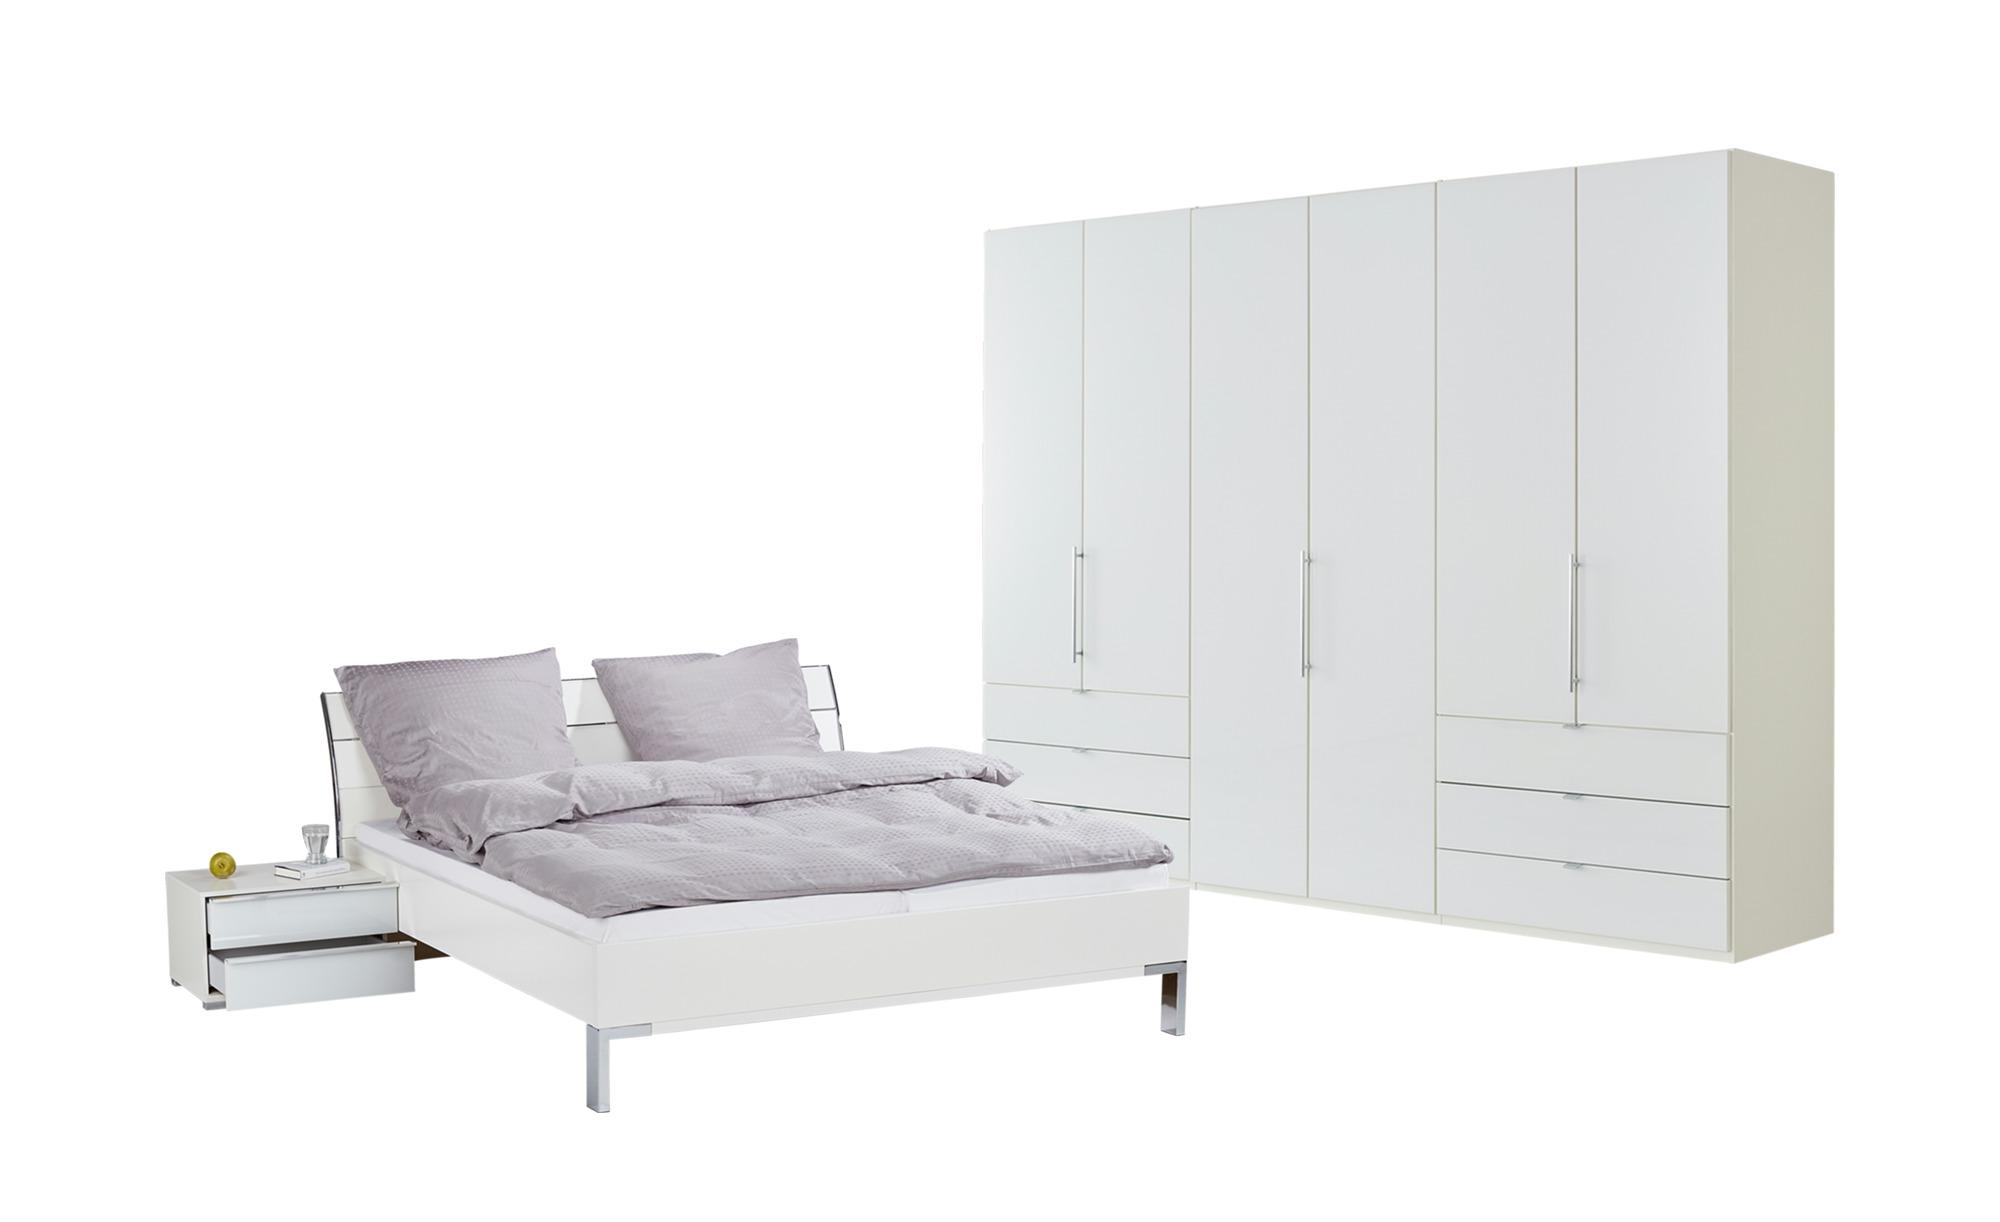 Komplett-Schlafzimmer 4-teilig Beda, gefunden bei Möbel Höffner